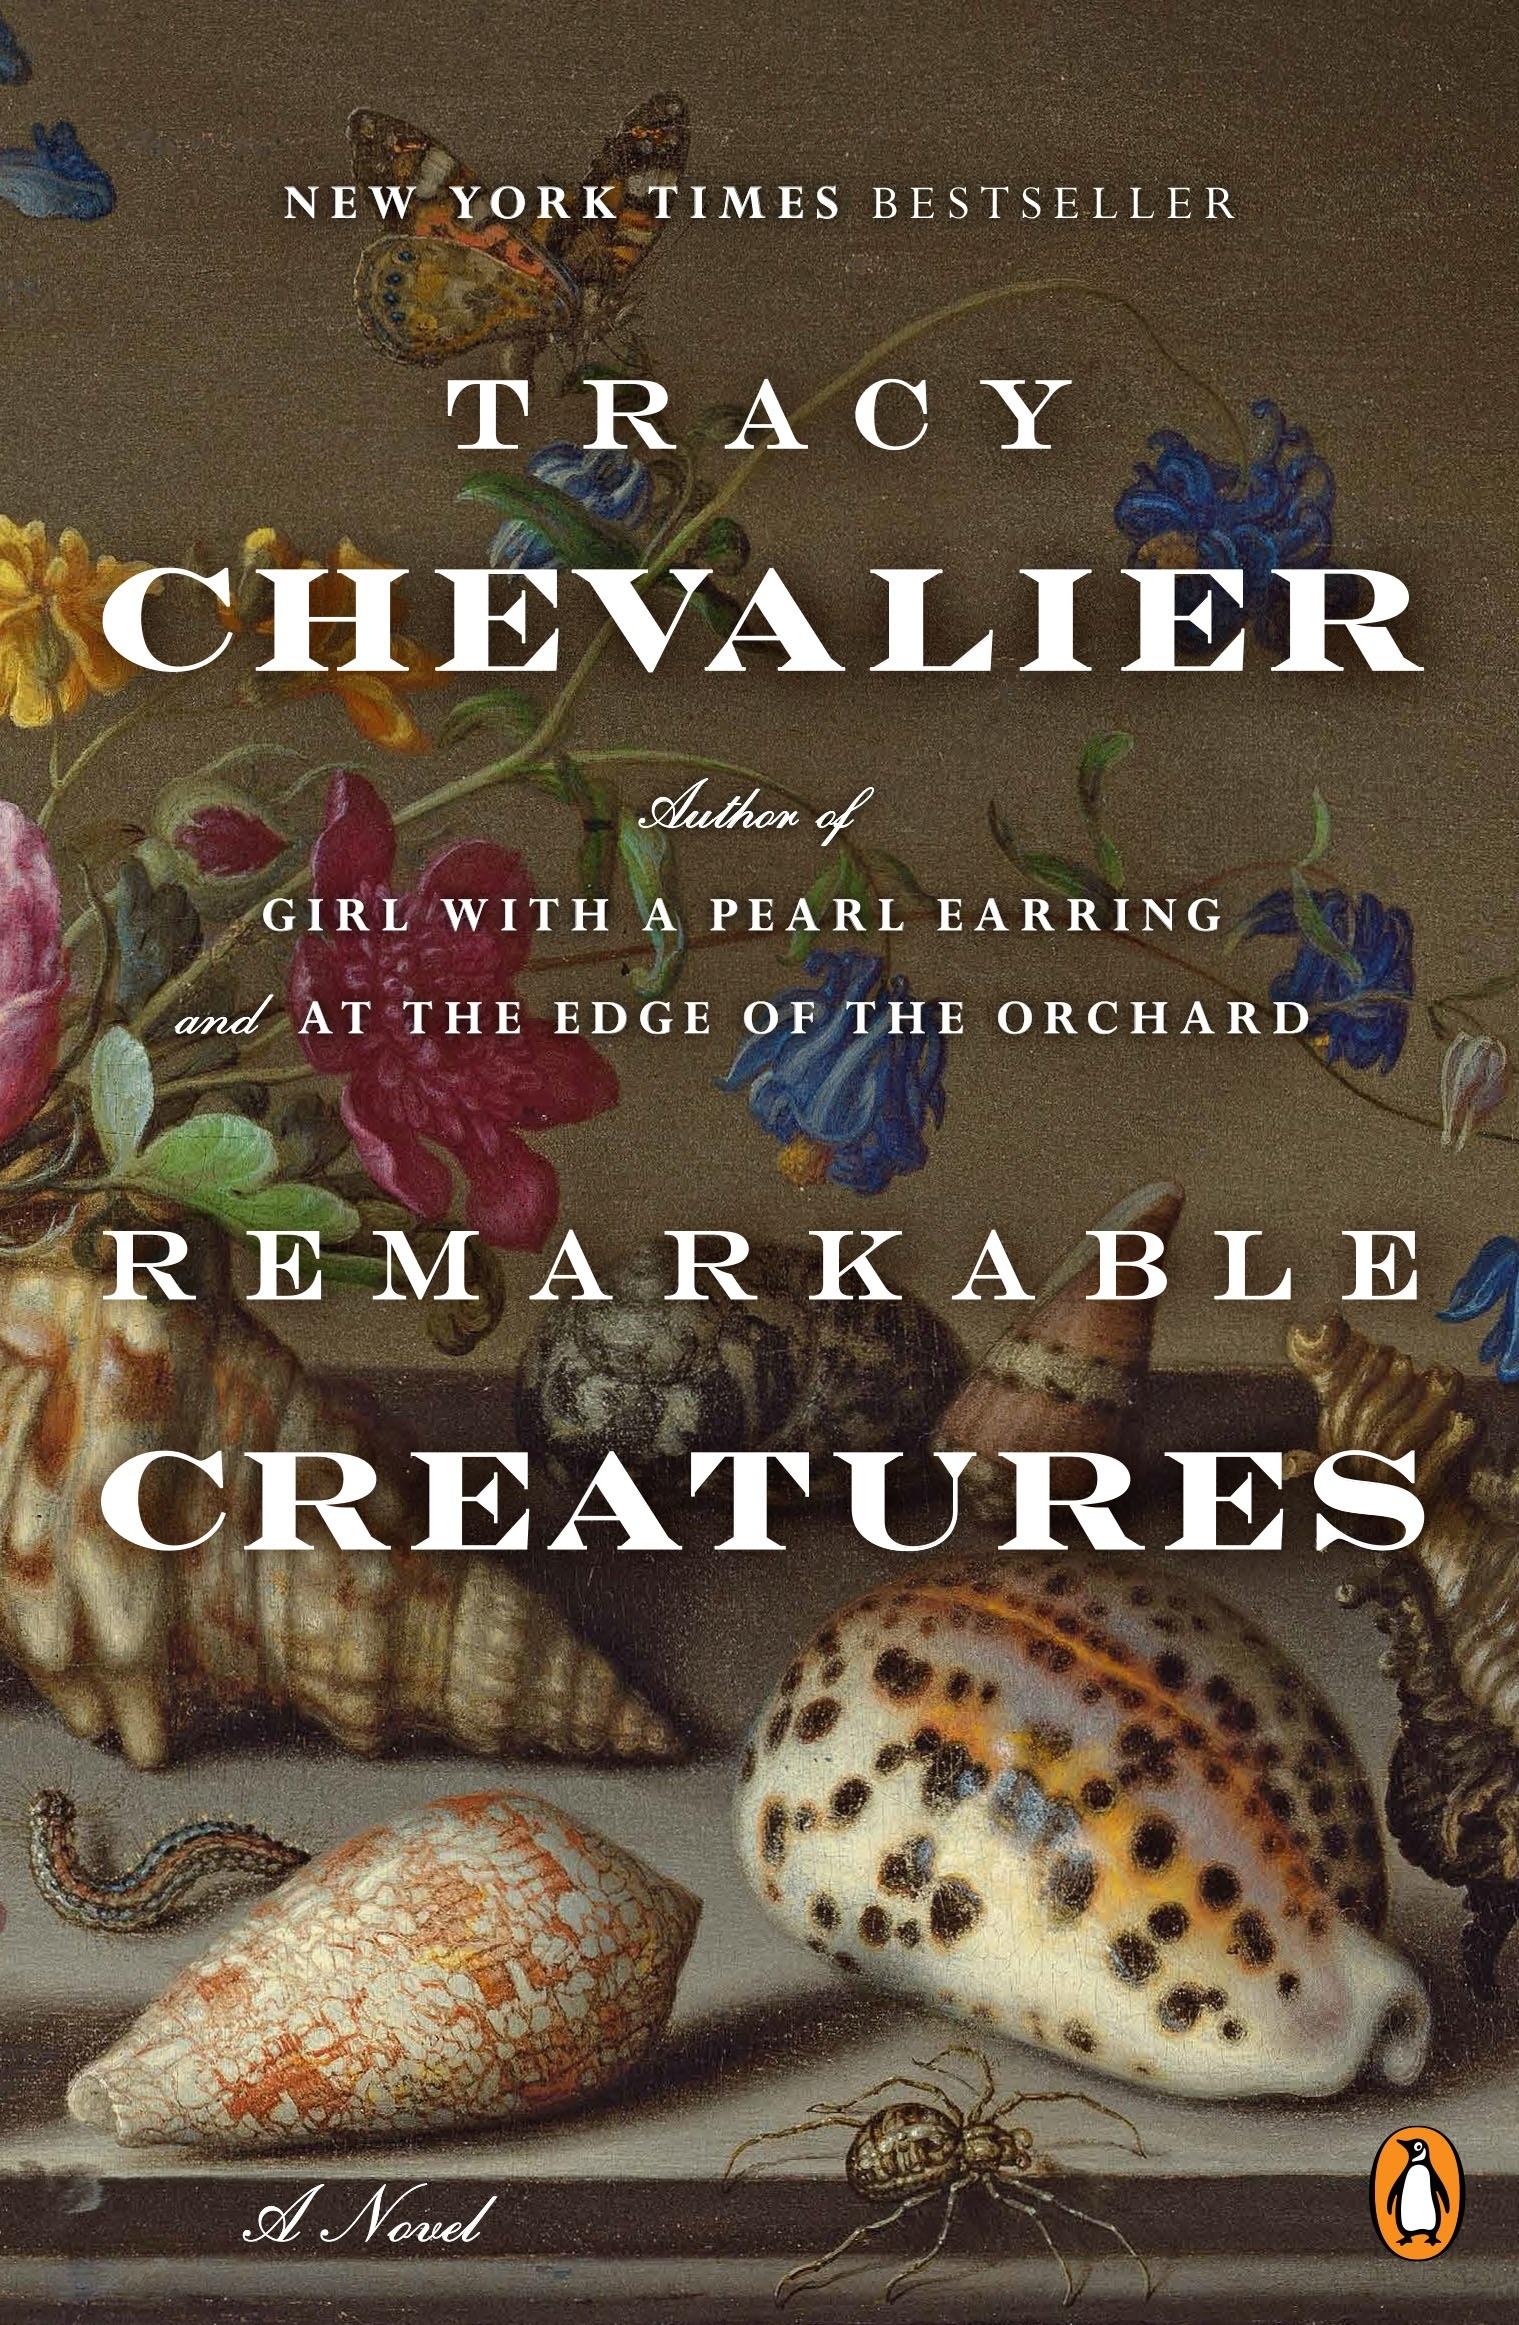 remarkable creatures.jpg